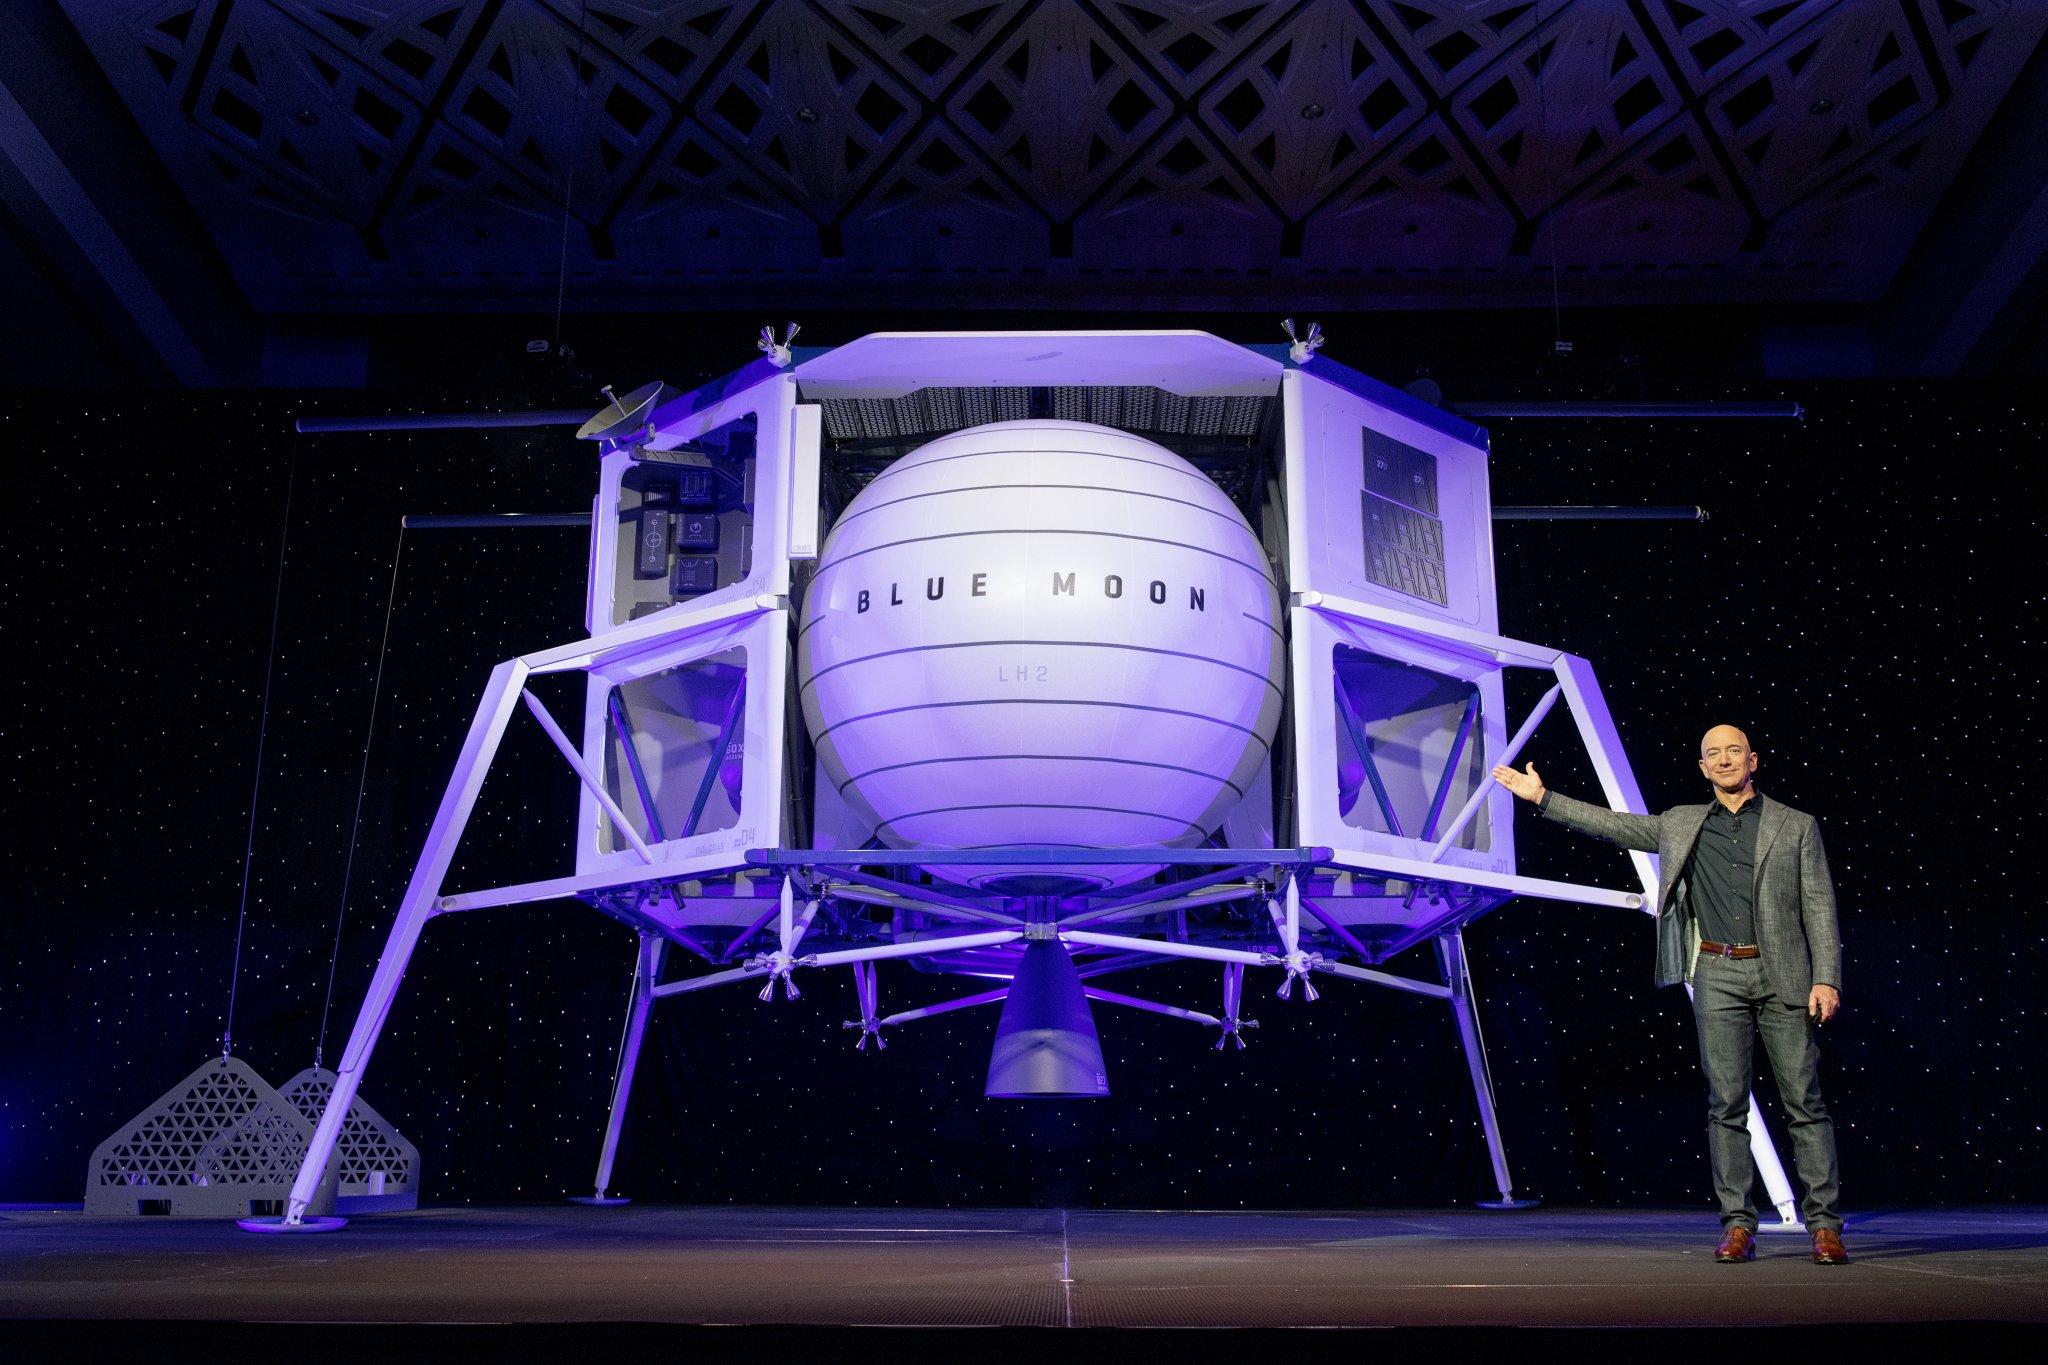 Jeff Bezos Builds a Moon Ship -- The Motley Fool